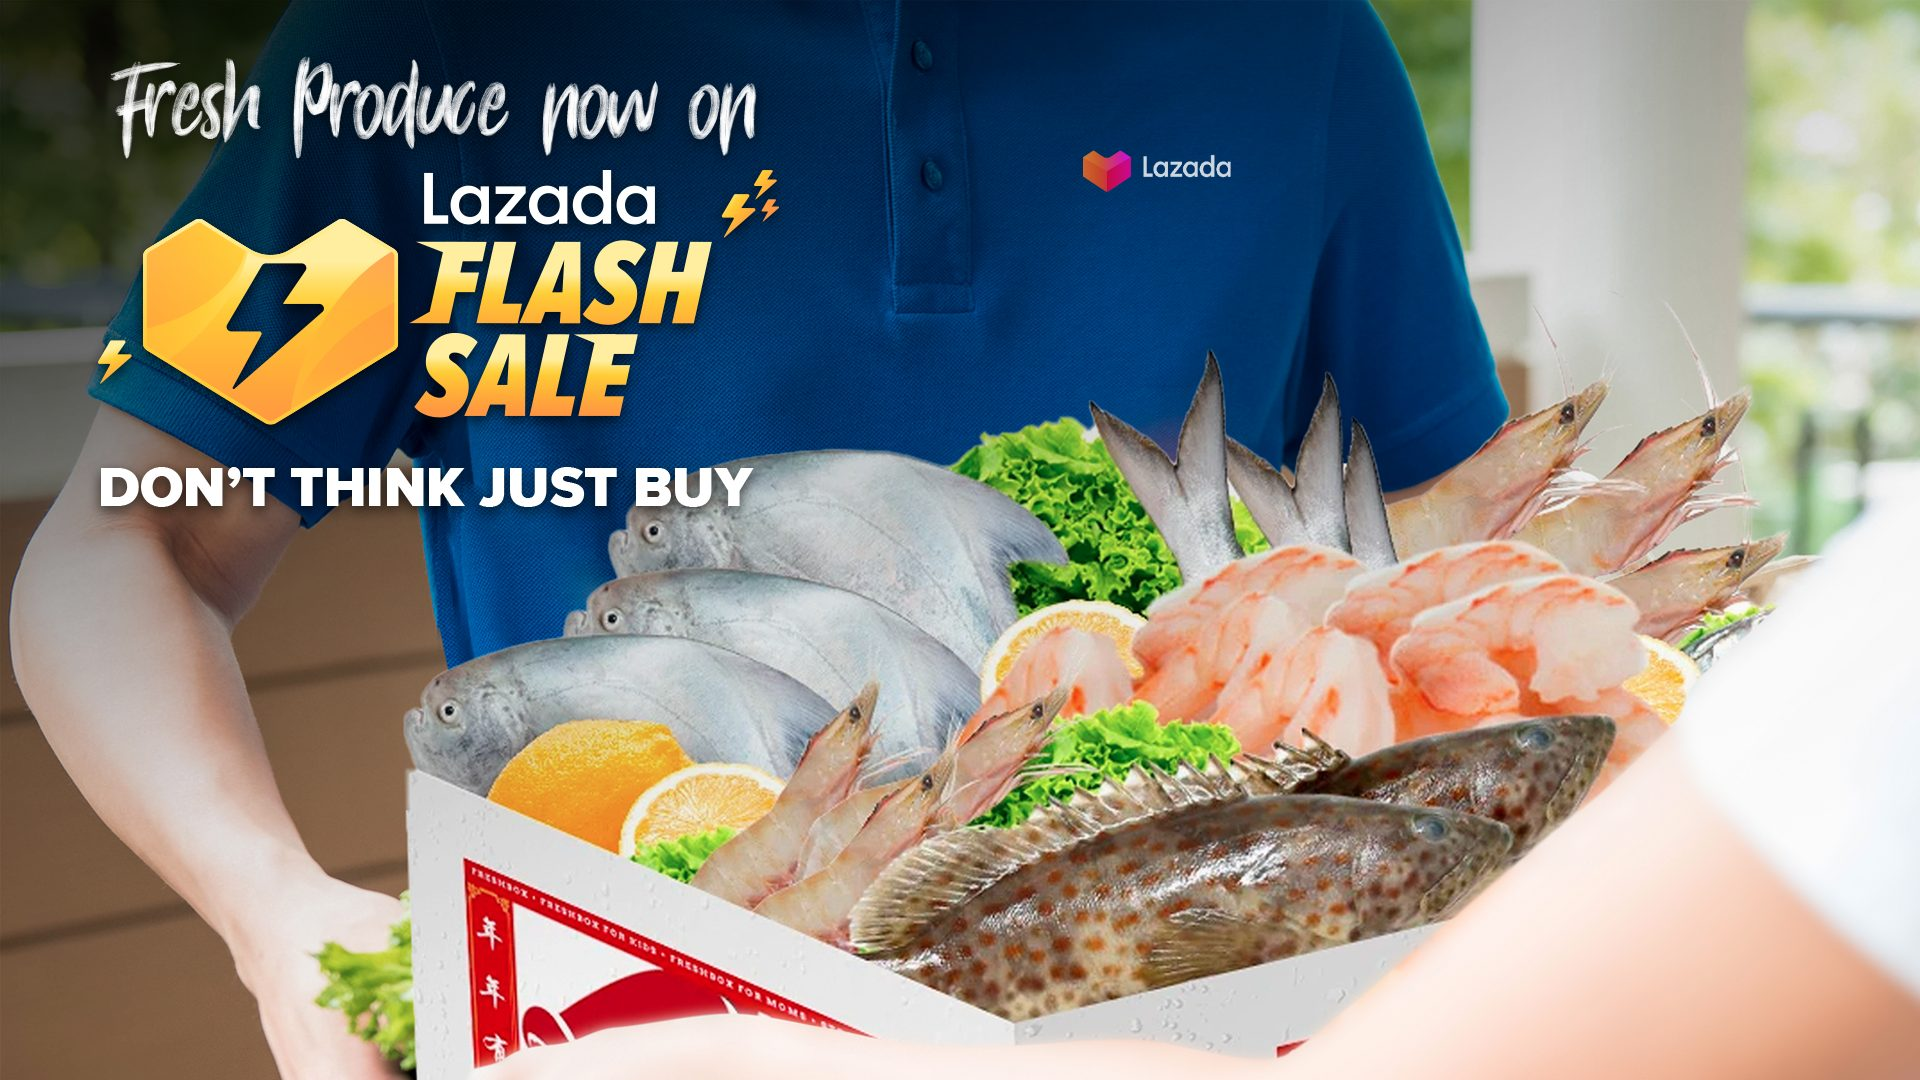 Lazada Fresh Produce